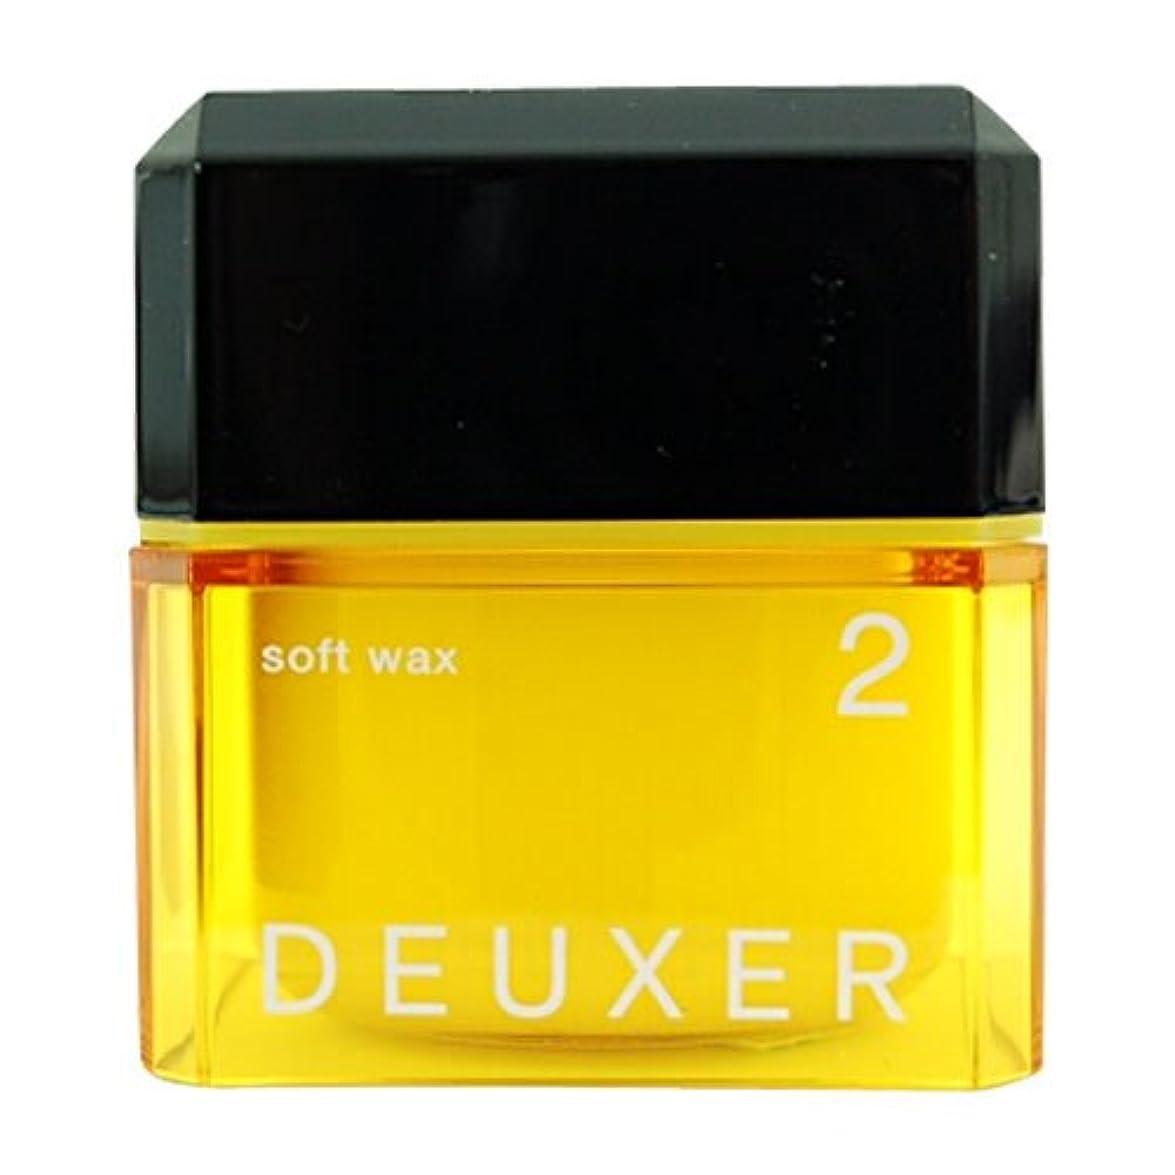 保証金アクセント計器ナンバースリー DEUXER(デューサー) ソフトワックス 2 80g